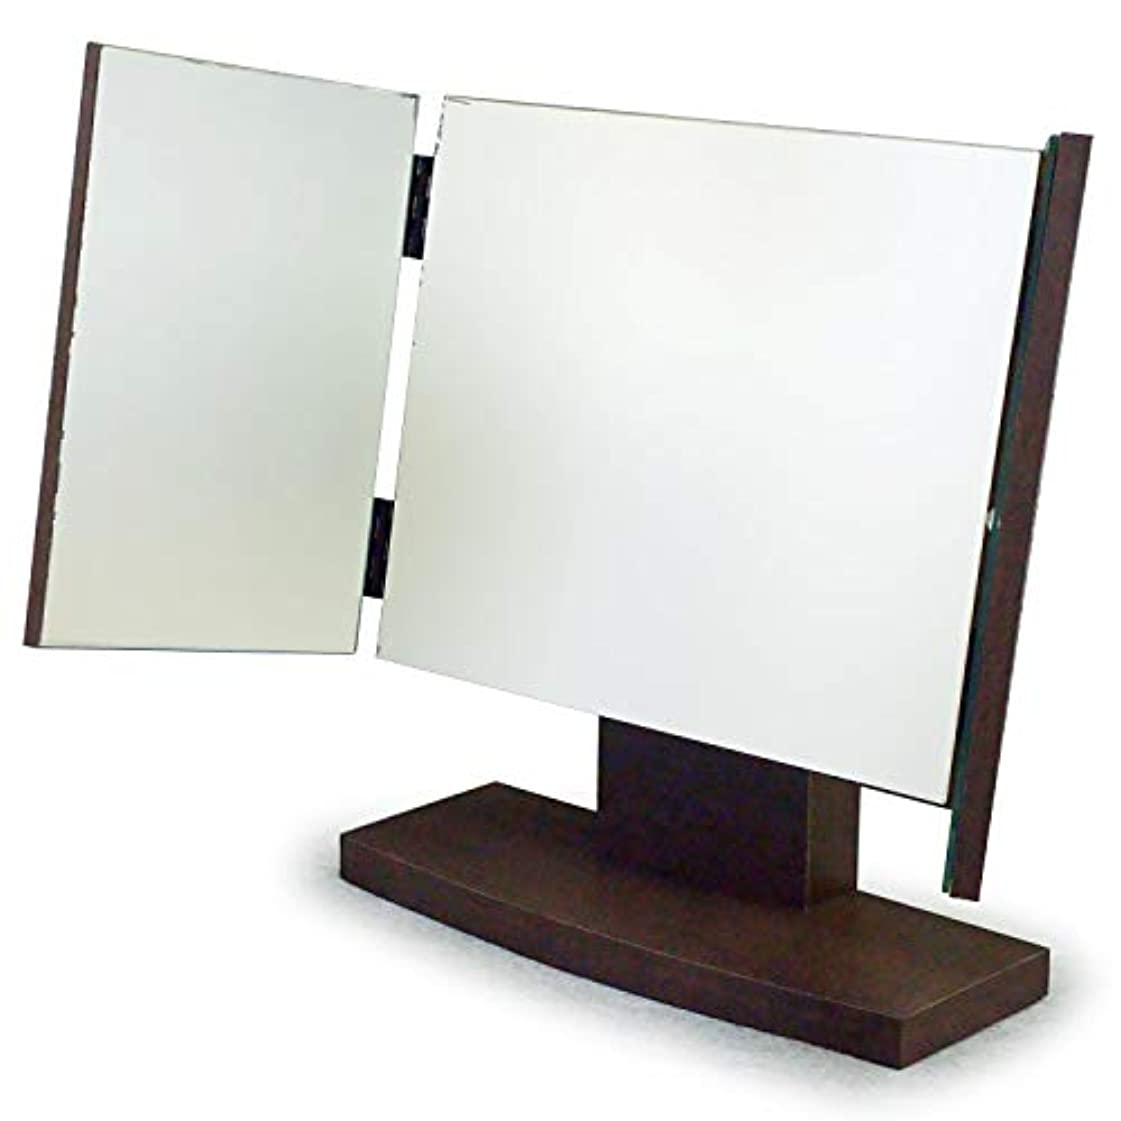 会話アークキモい三面鏡 卓上 木製(角度調整機能付)ダーク色